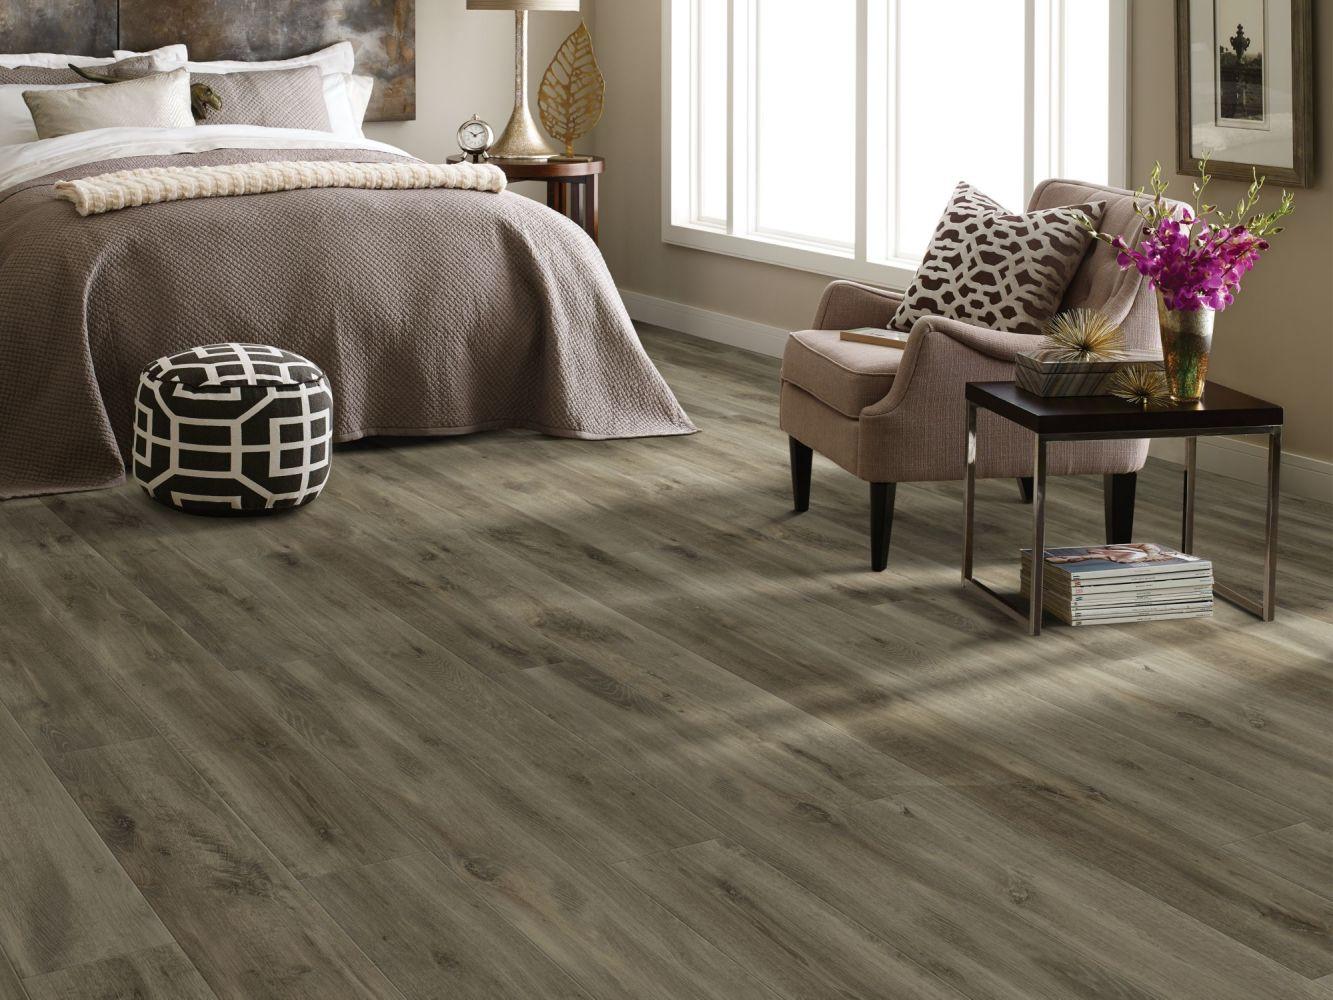 Shaw Floors Resilient Residential Allegiance+ Accent Ambassador Oak 05057_2008V